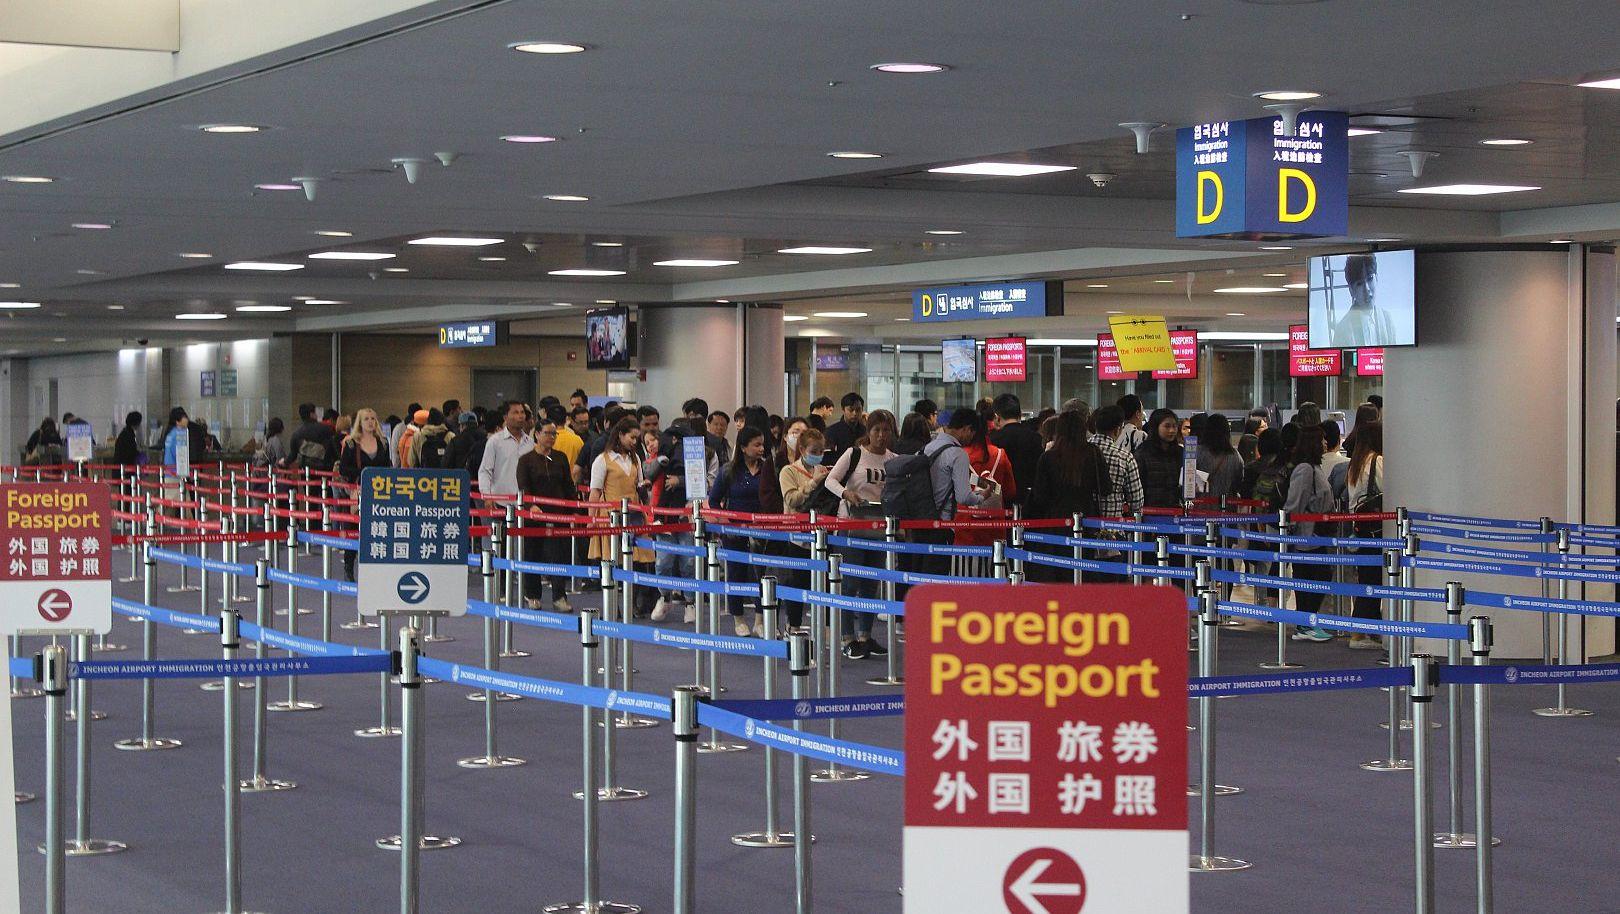 Нужна ли виза в Южную Корею — в 2020 году, сроки пребывания в стране, подать и получить документы, оформление